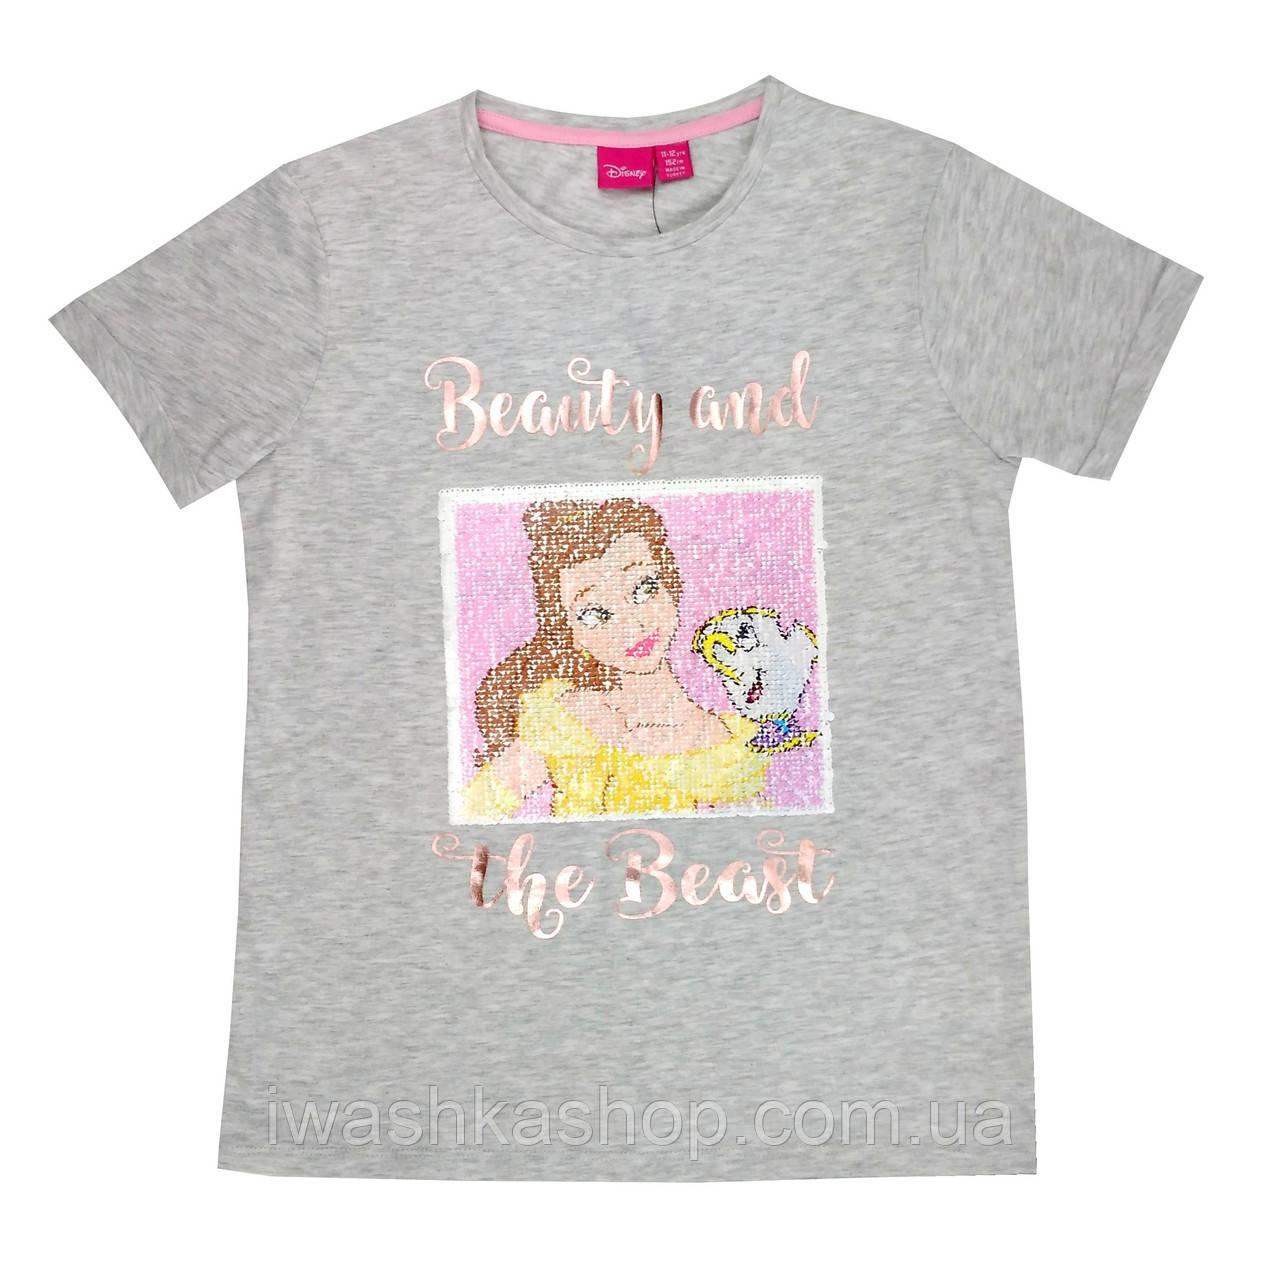 Стильная серая футболка с пайетками - перевертышами на девочку 12 - 13 лет, р. 152, Primark / Disney